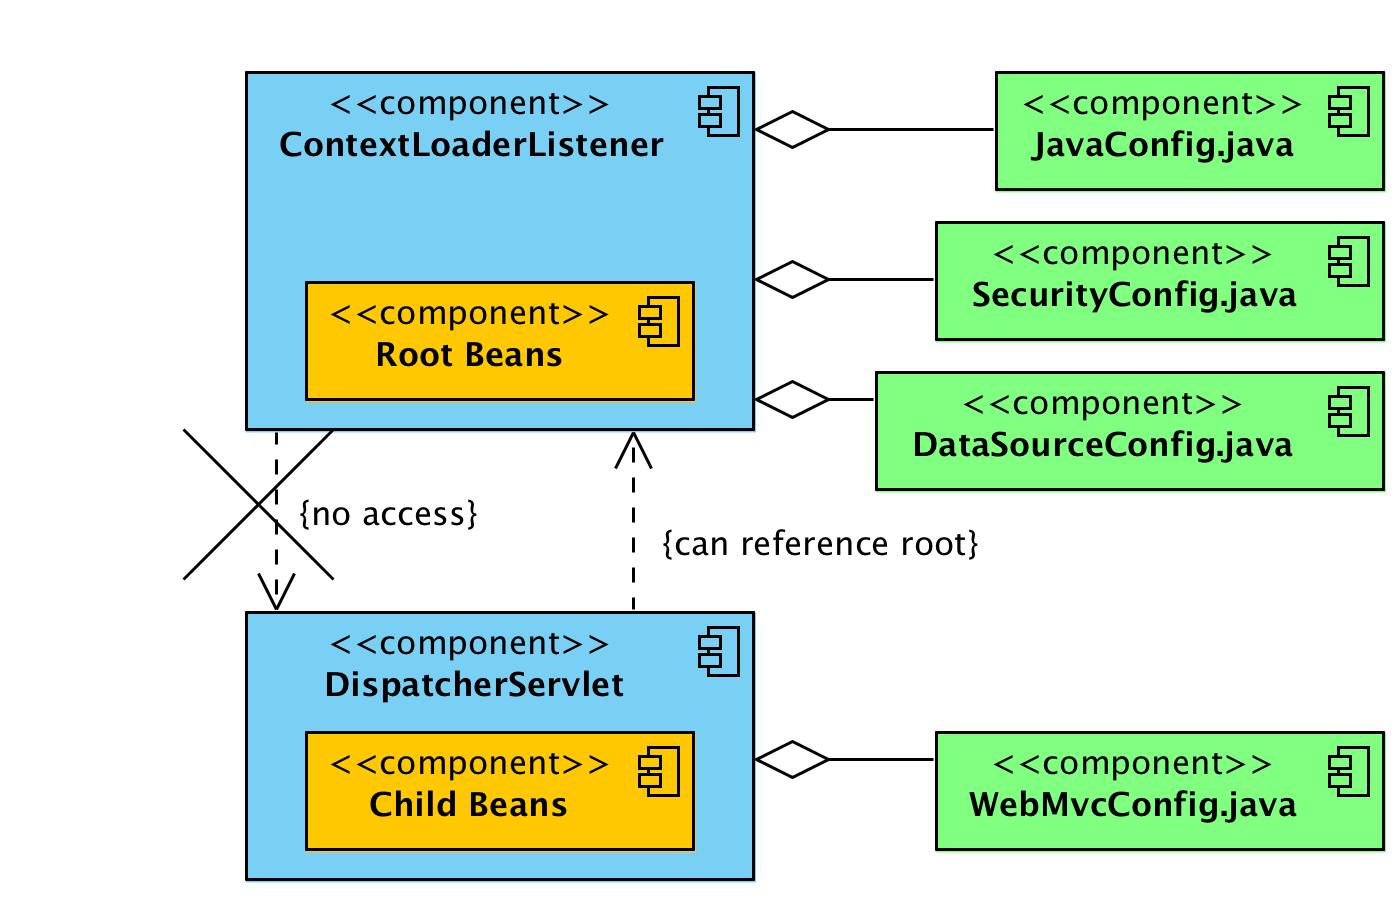 ContextLoaderListener vs DispatcherServlet